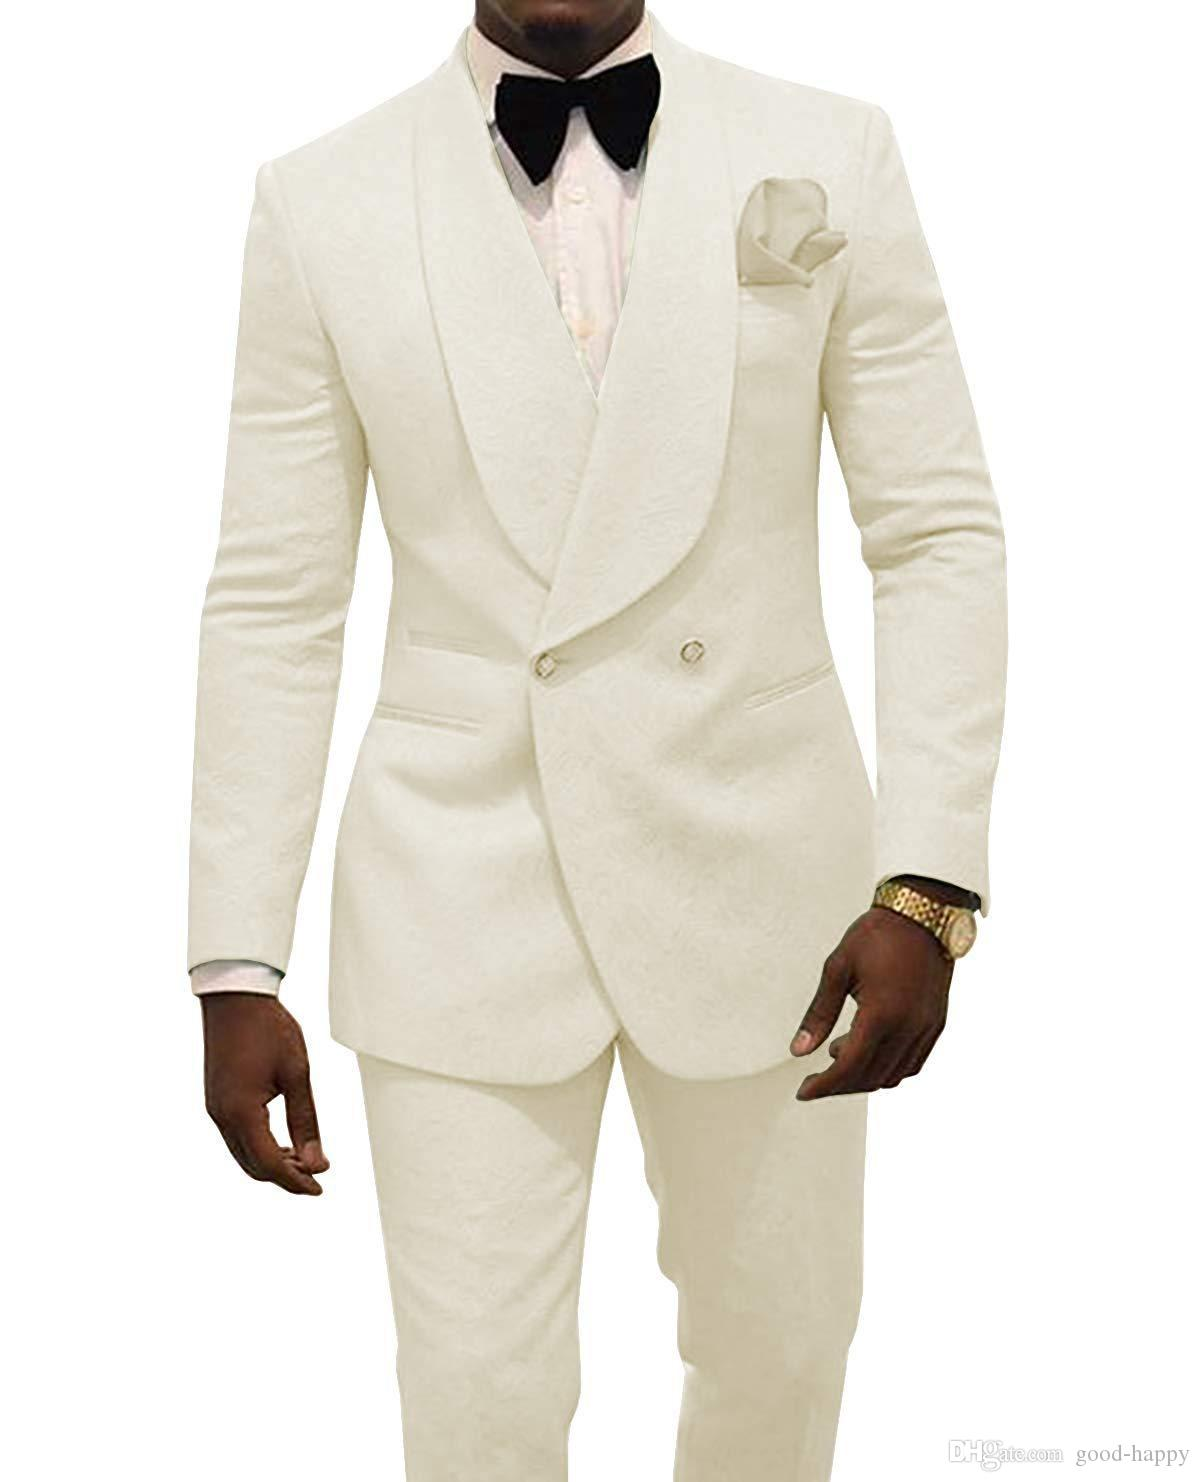 العاج الرجال زفاف البدلات الرسمية النقش العريس البدلات الرسمية أزياء الرجال السترة 2 قطعة بدلة حفلة موسيقية / عشاء سترة مخصص (سترة + سروال + التعادل) 1630